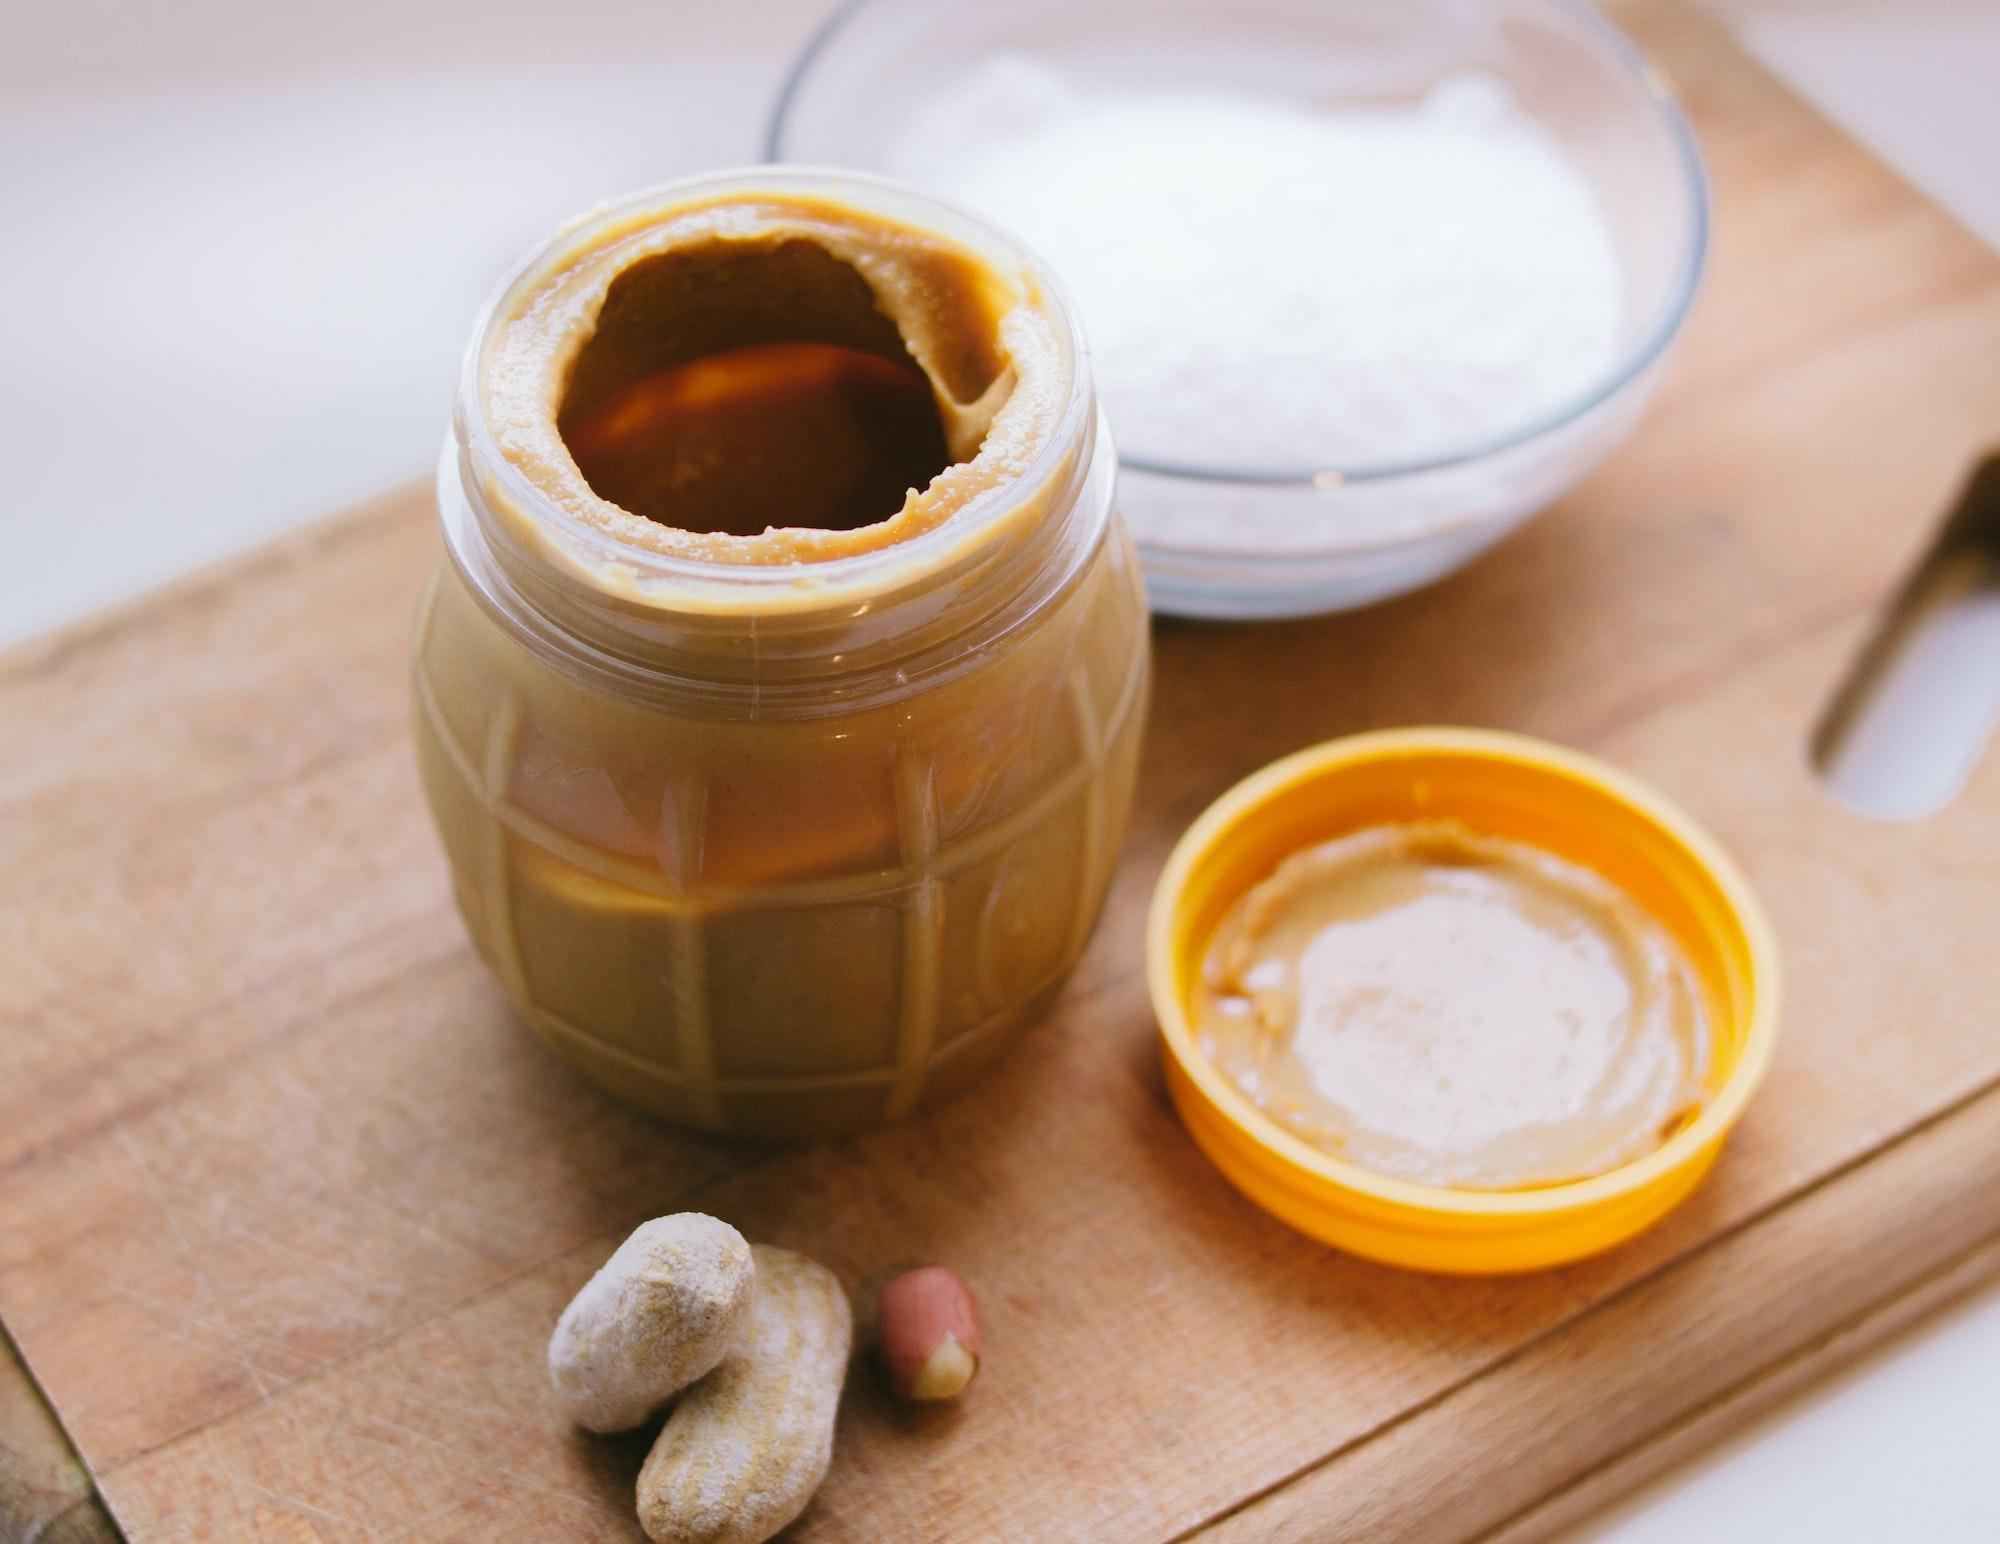 Manteiga de amendoim engorda?